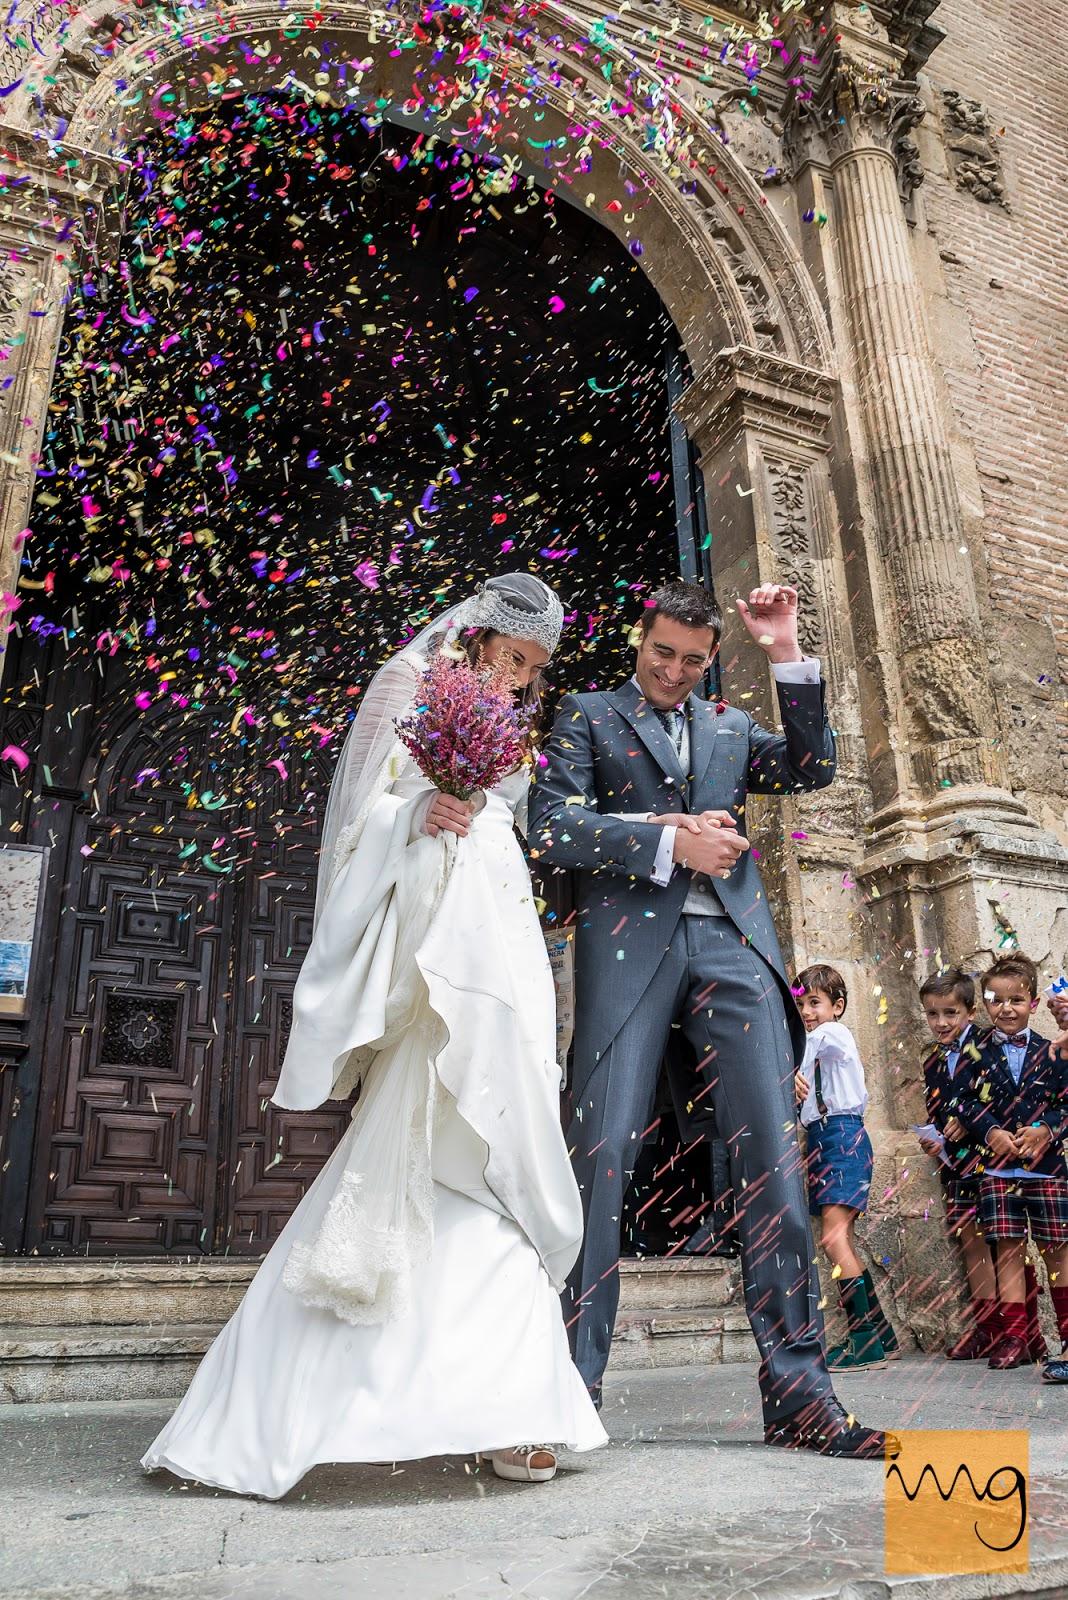 Fotografía de boda en Granada, Arroz y confeti para los novios